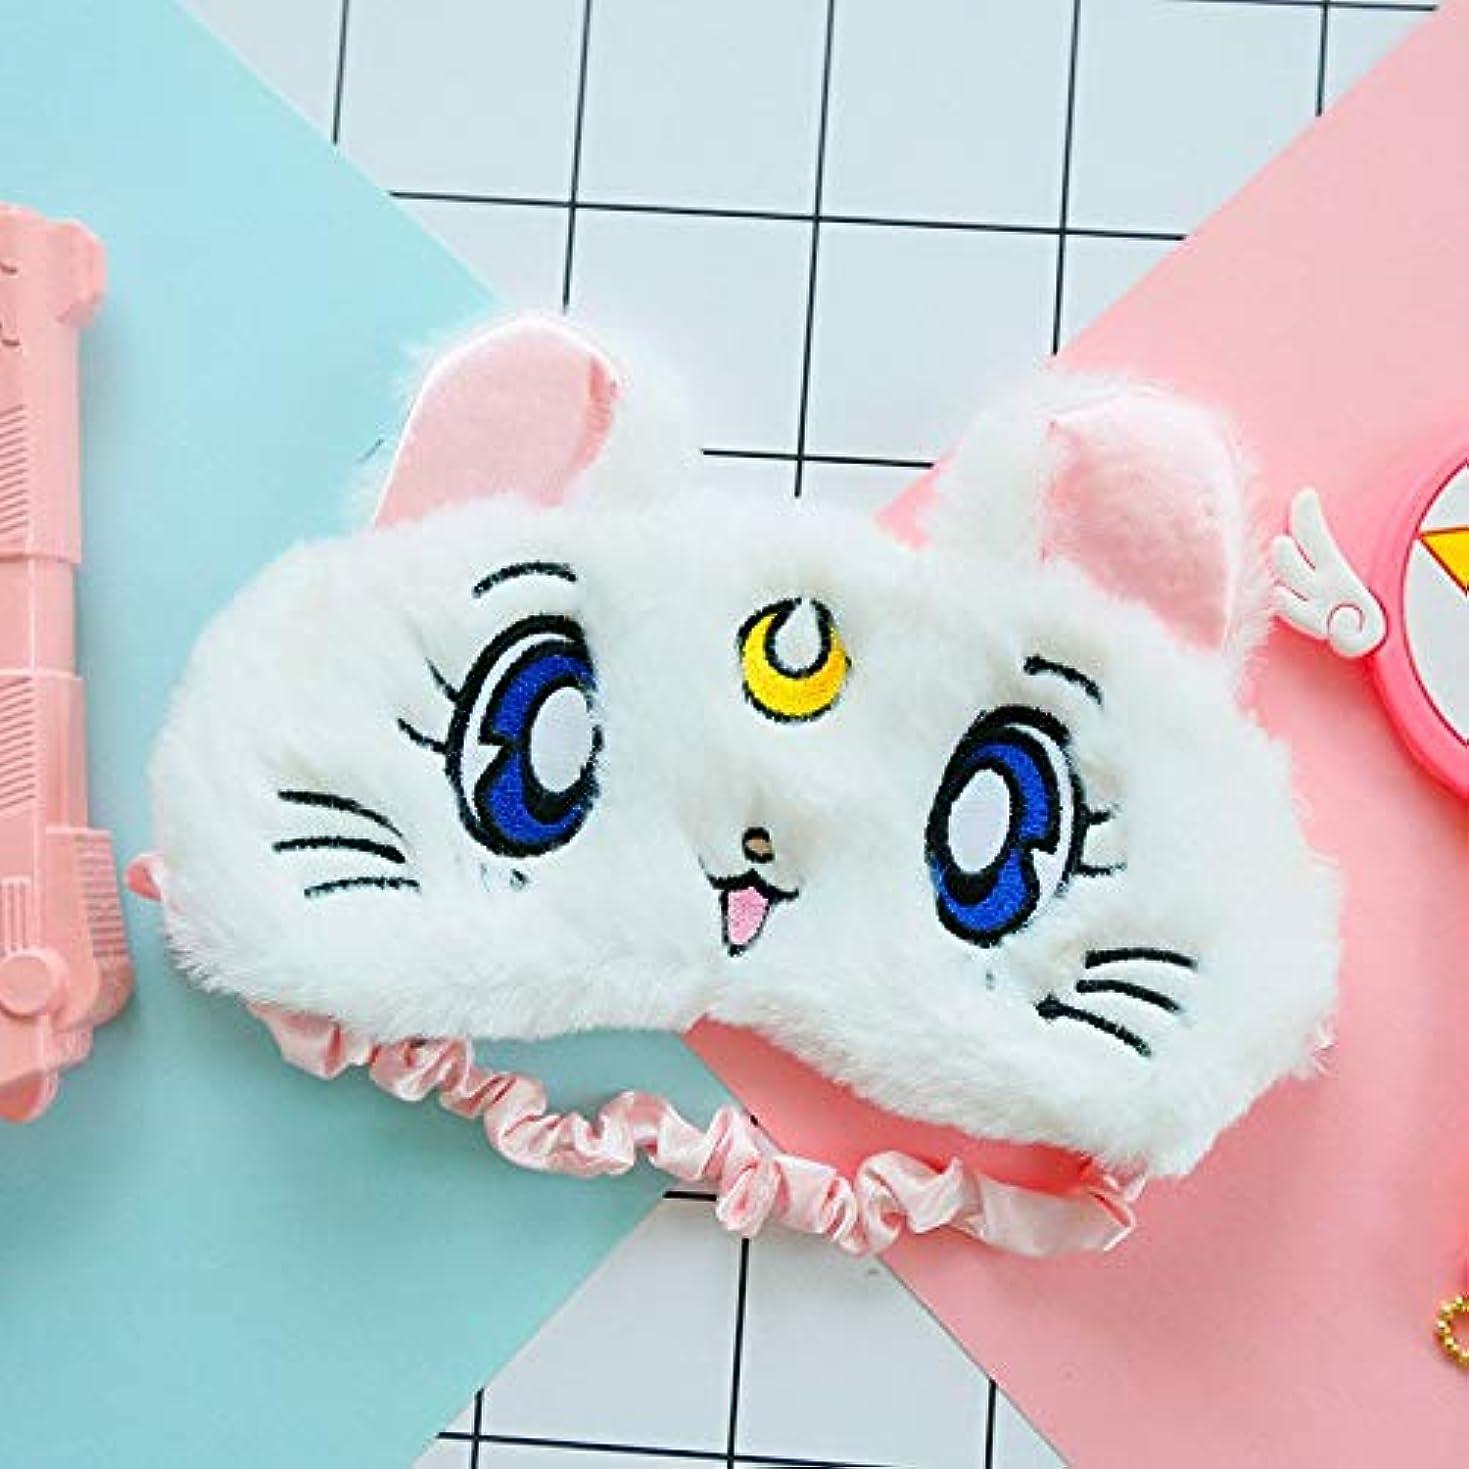 同時結論腐ったNOTE 3色ルナ任意睡眠マスクソフトアイシェード3d猫セーラームーンスリーピングシェードカバー昼寝漫画ぬいぐるみアイパッチでアイスバッグ